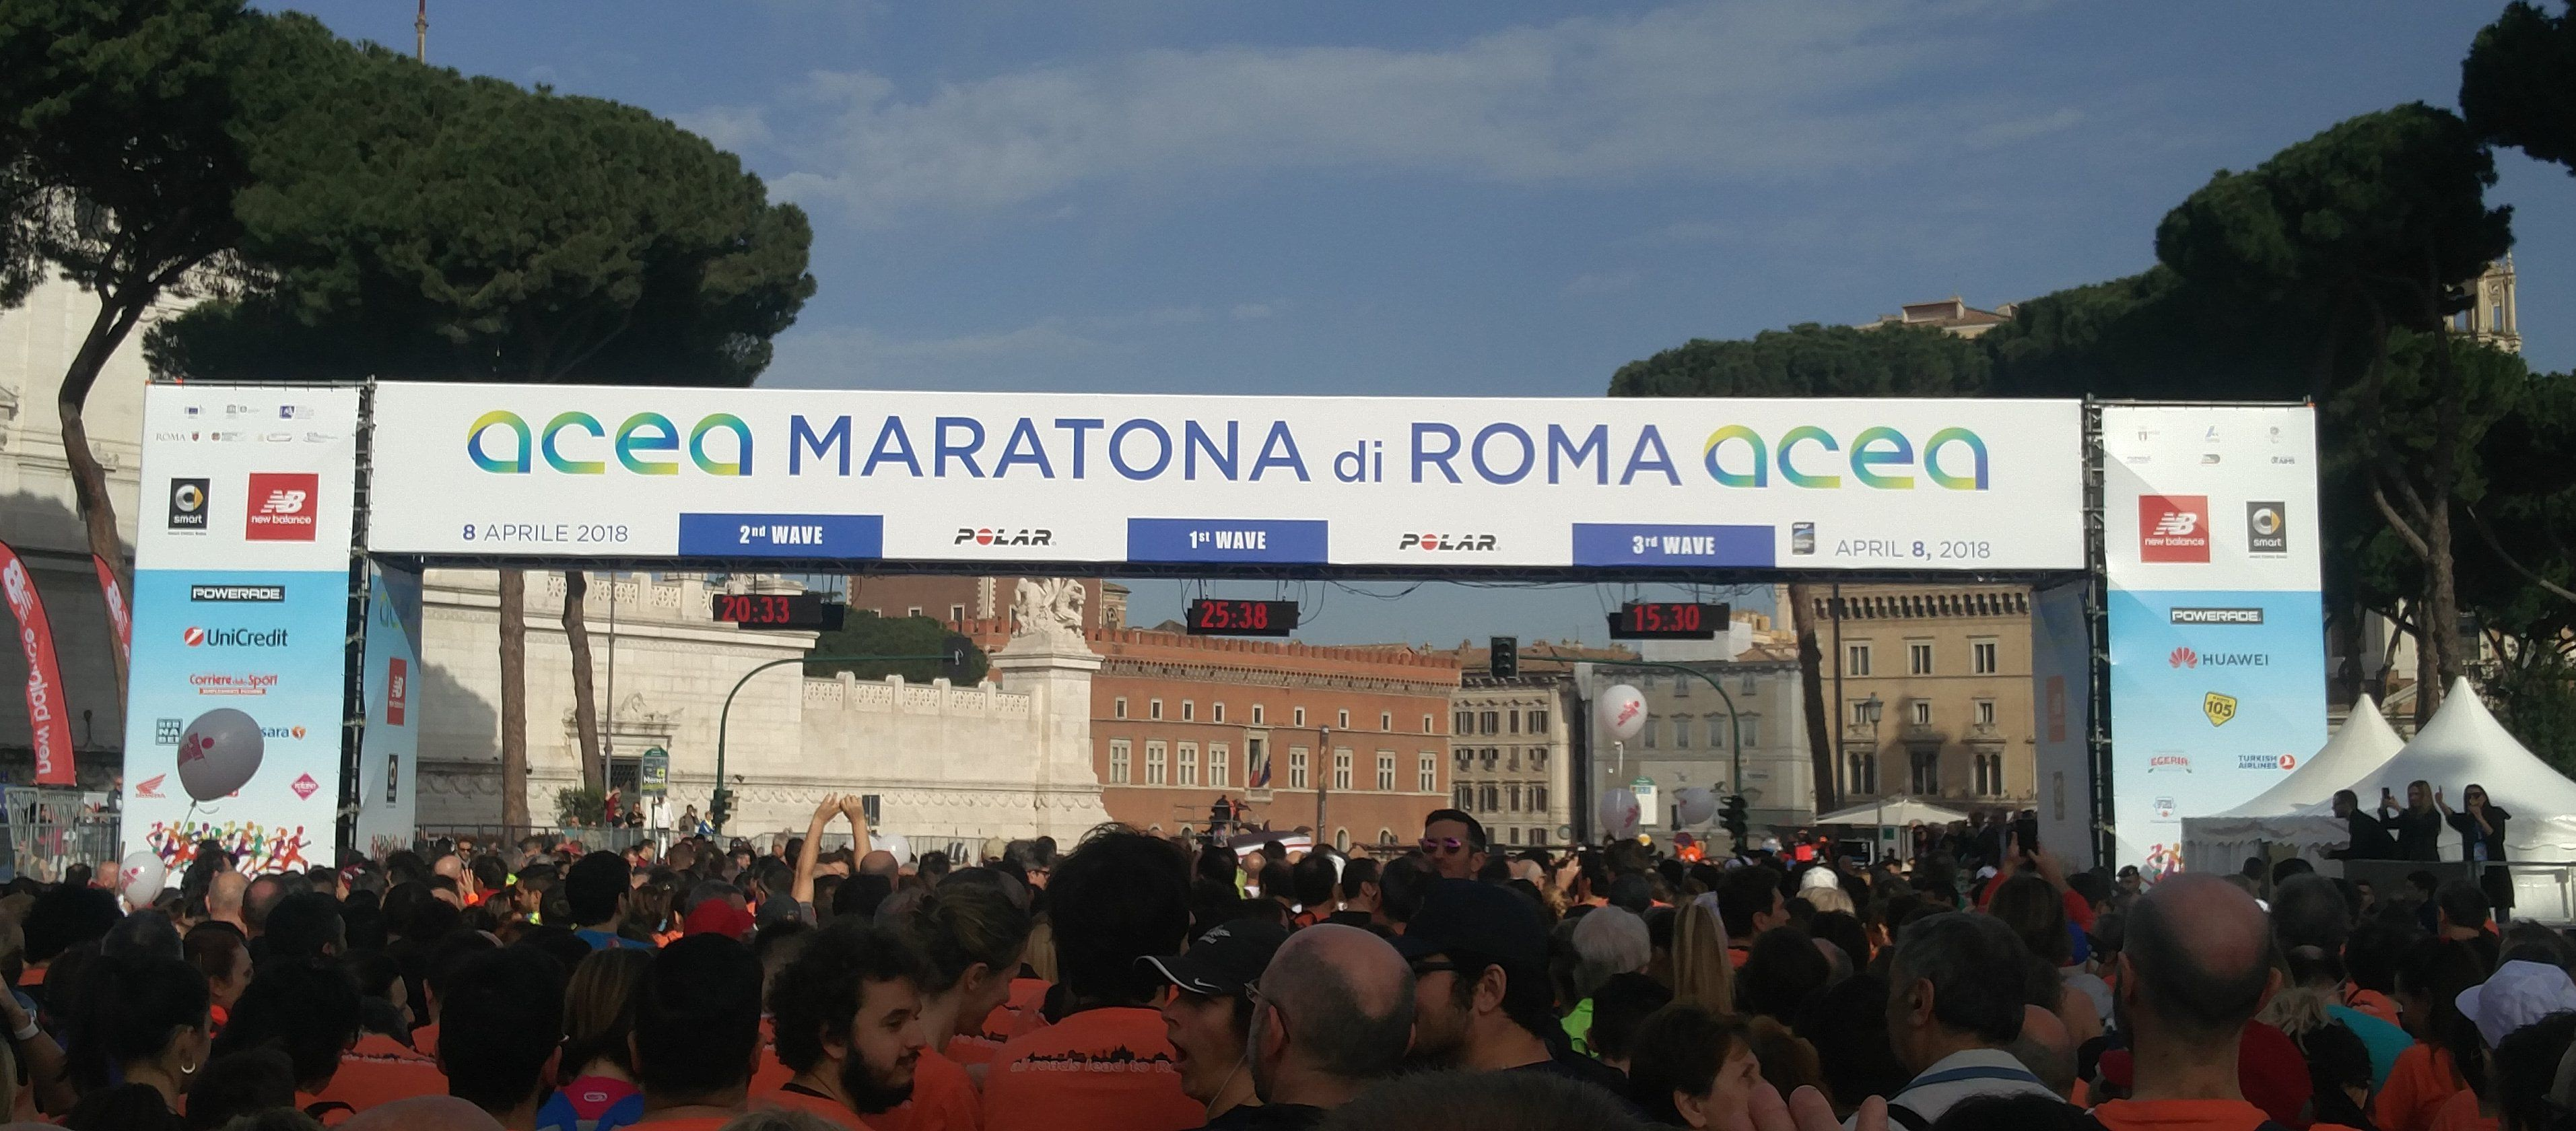 Maratona di Roma, la sentenza del TAR apre a un nuovo modello di sport?